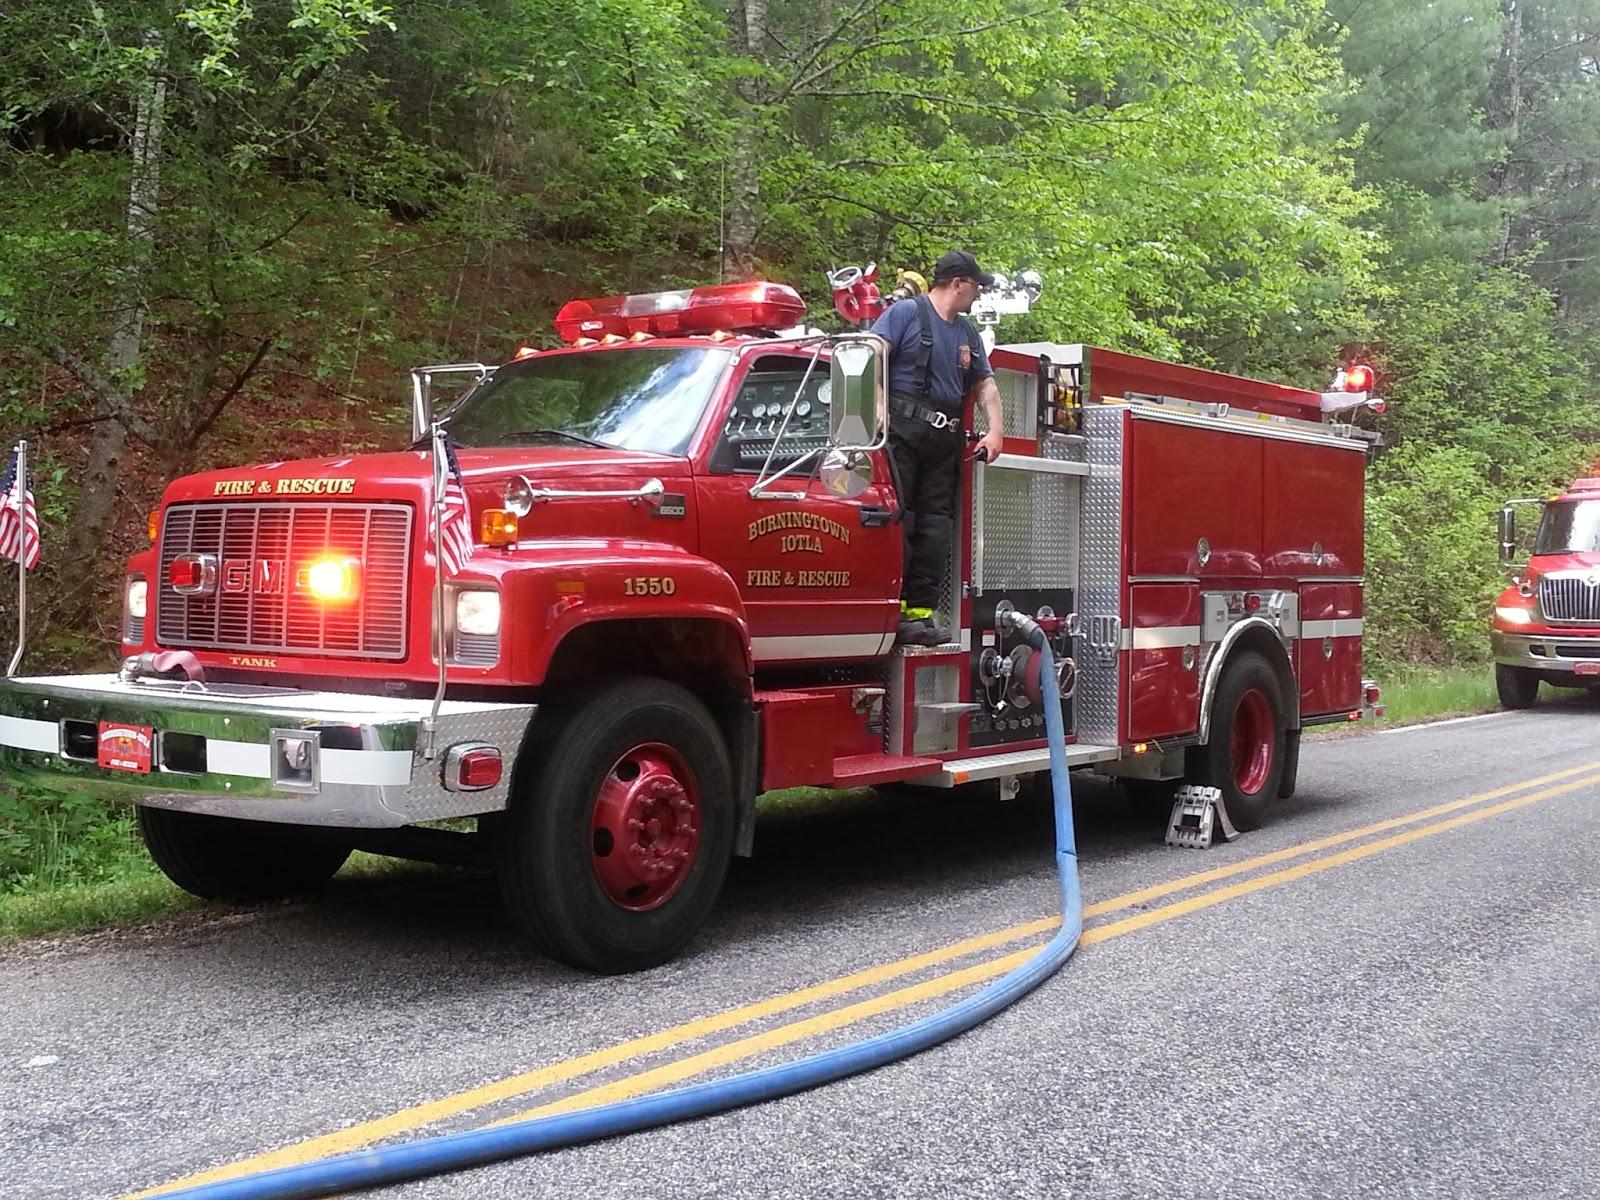 A truck from Burningtown Fire Department